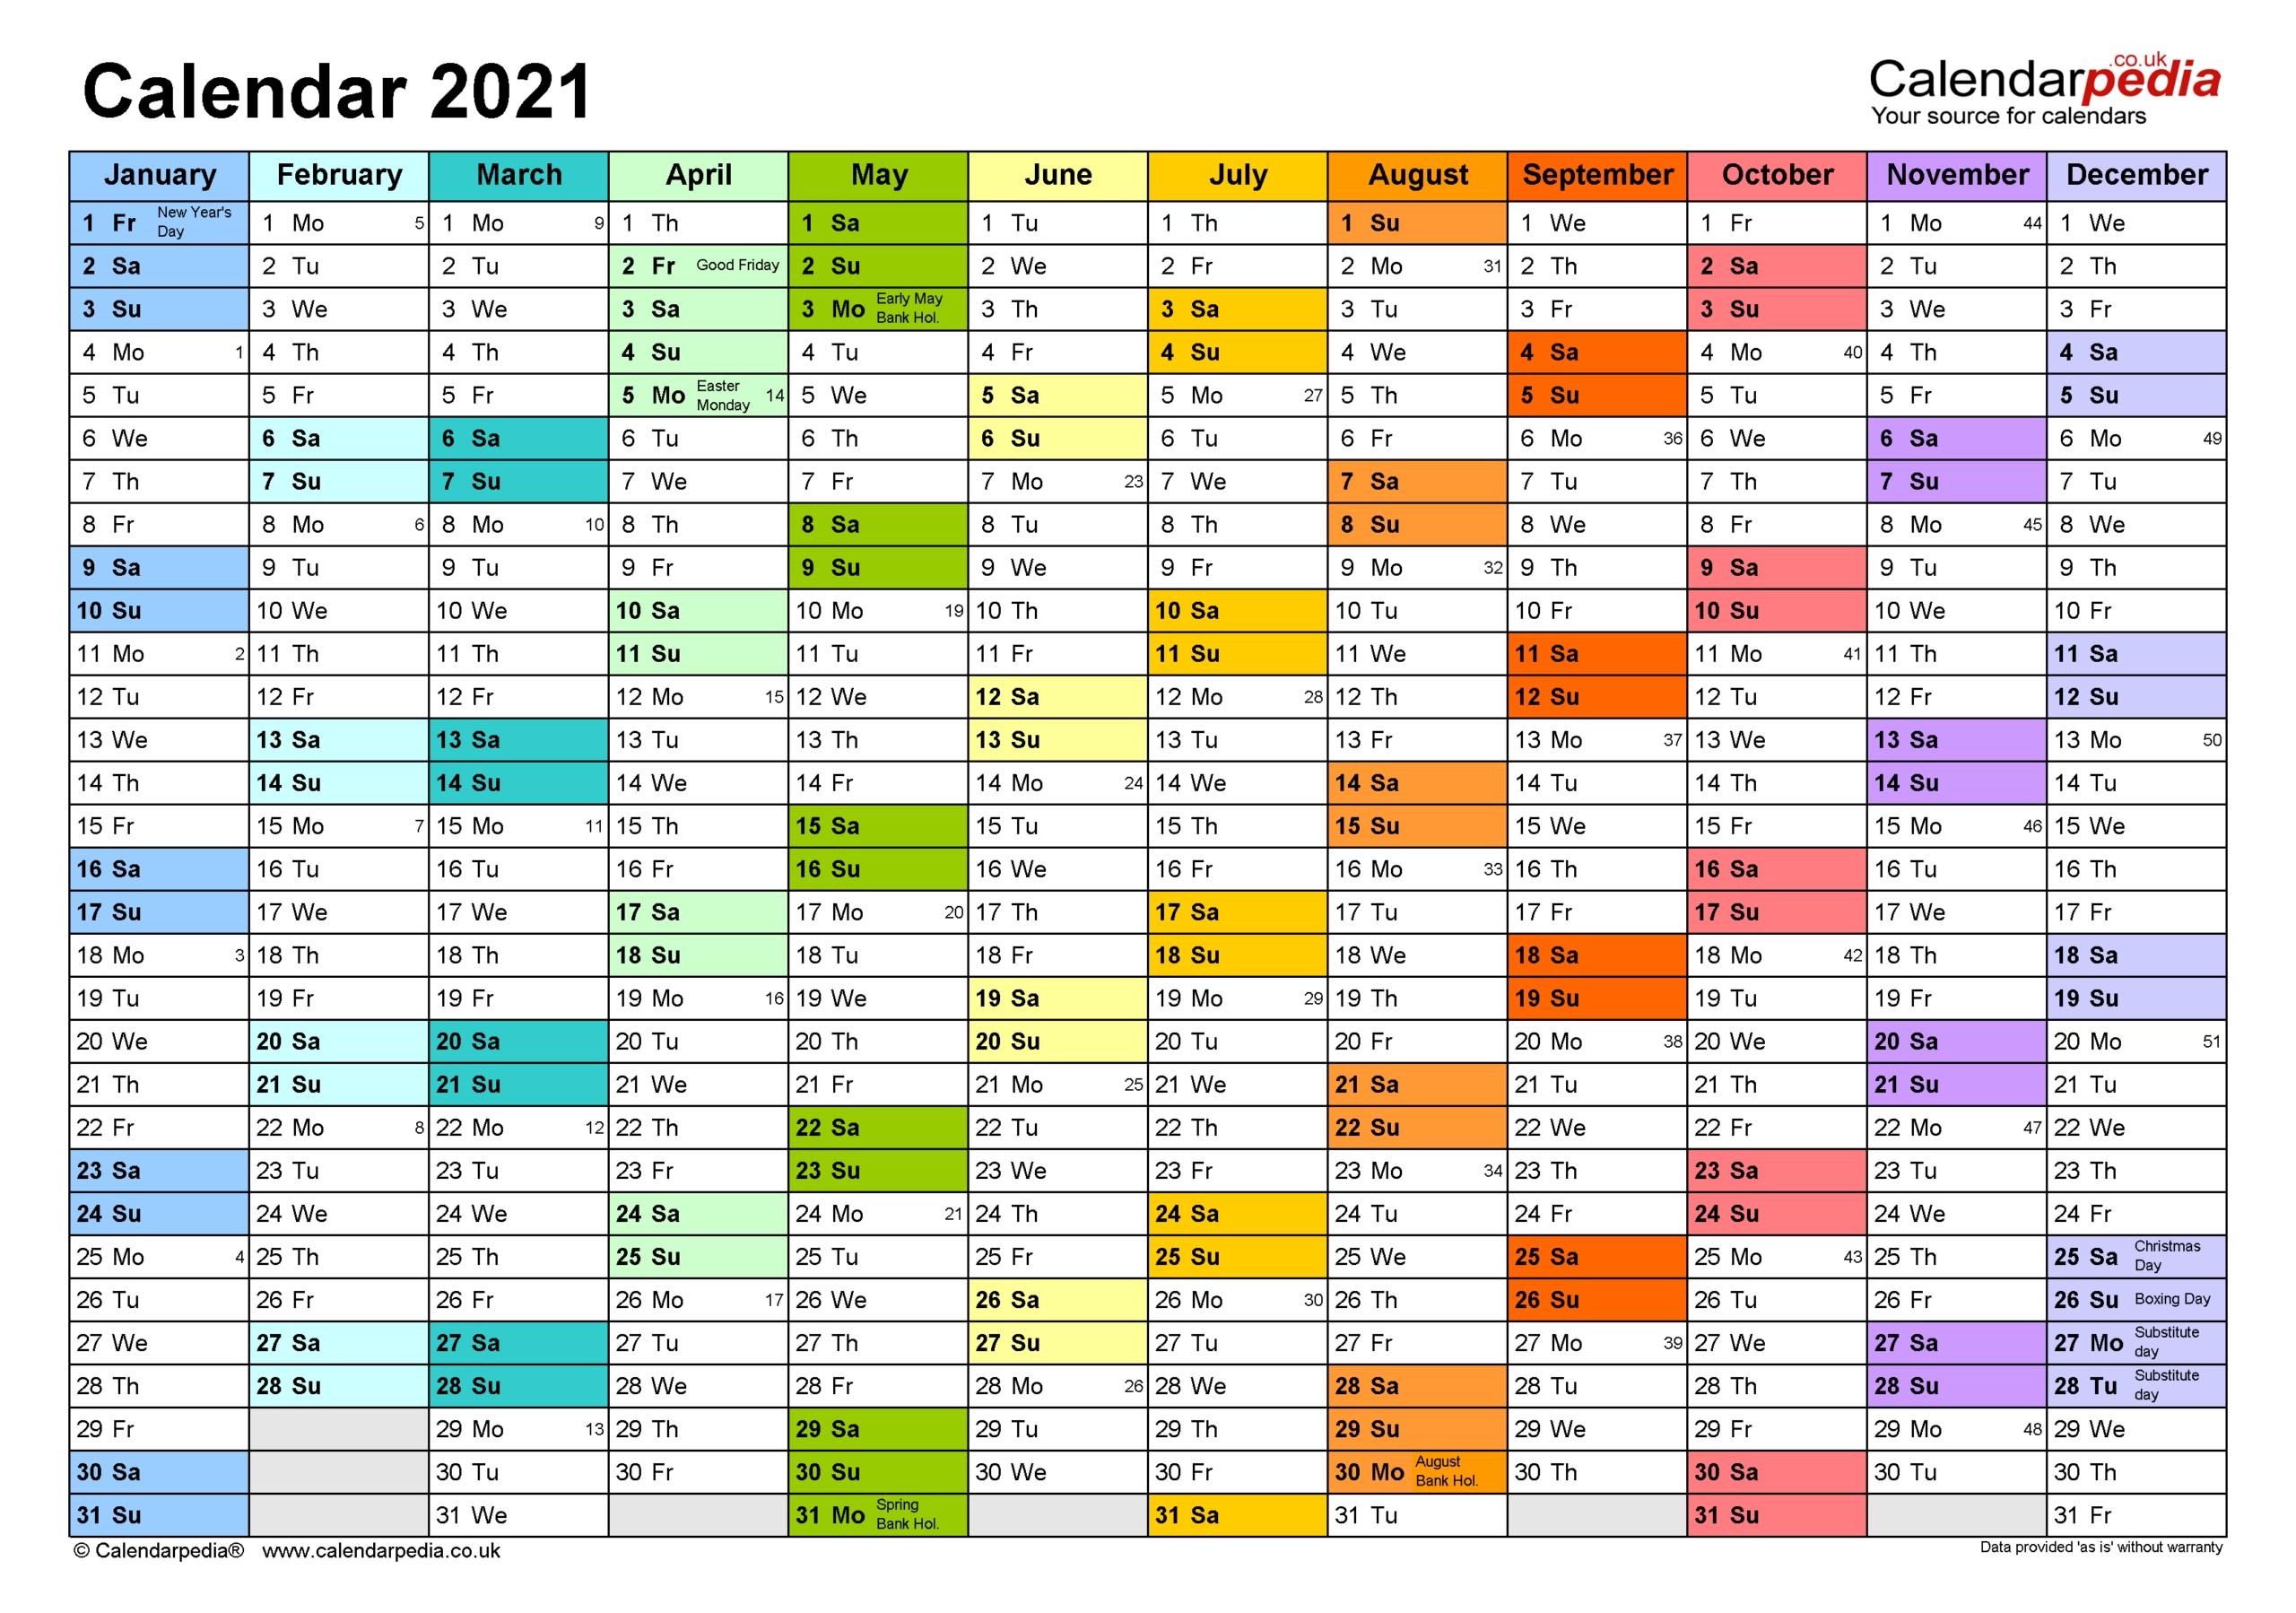 Excel Calendar With Week Numbers 2021 | Calendar